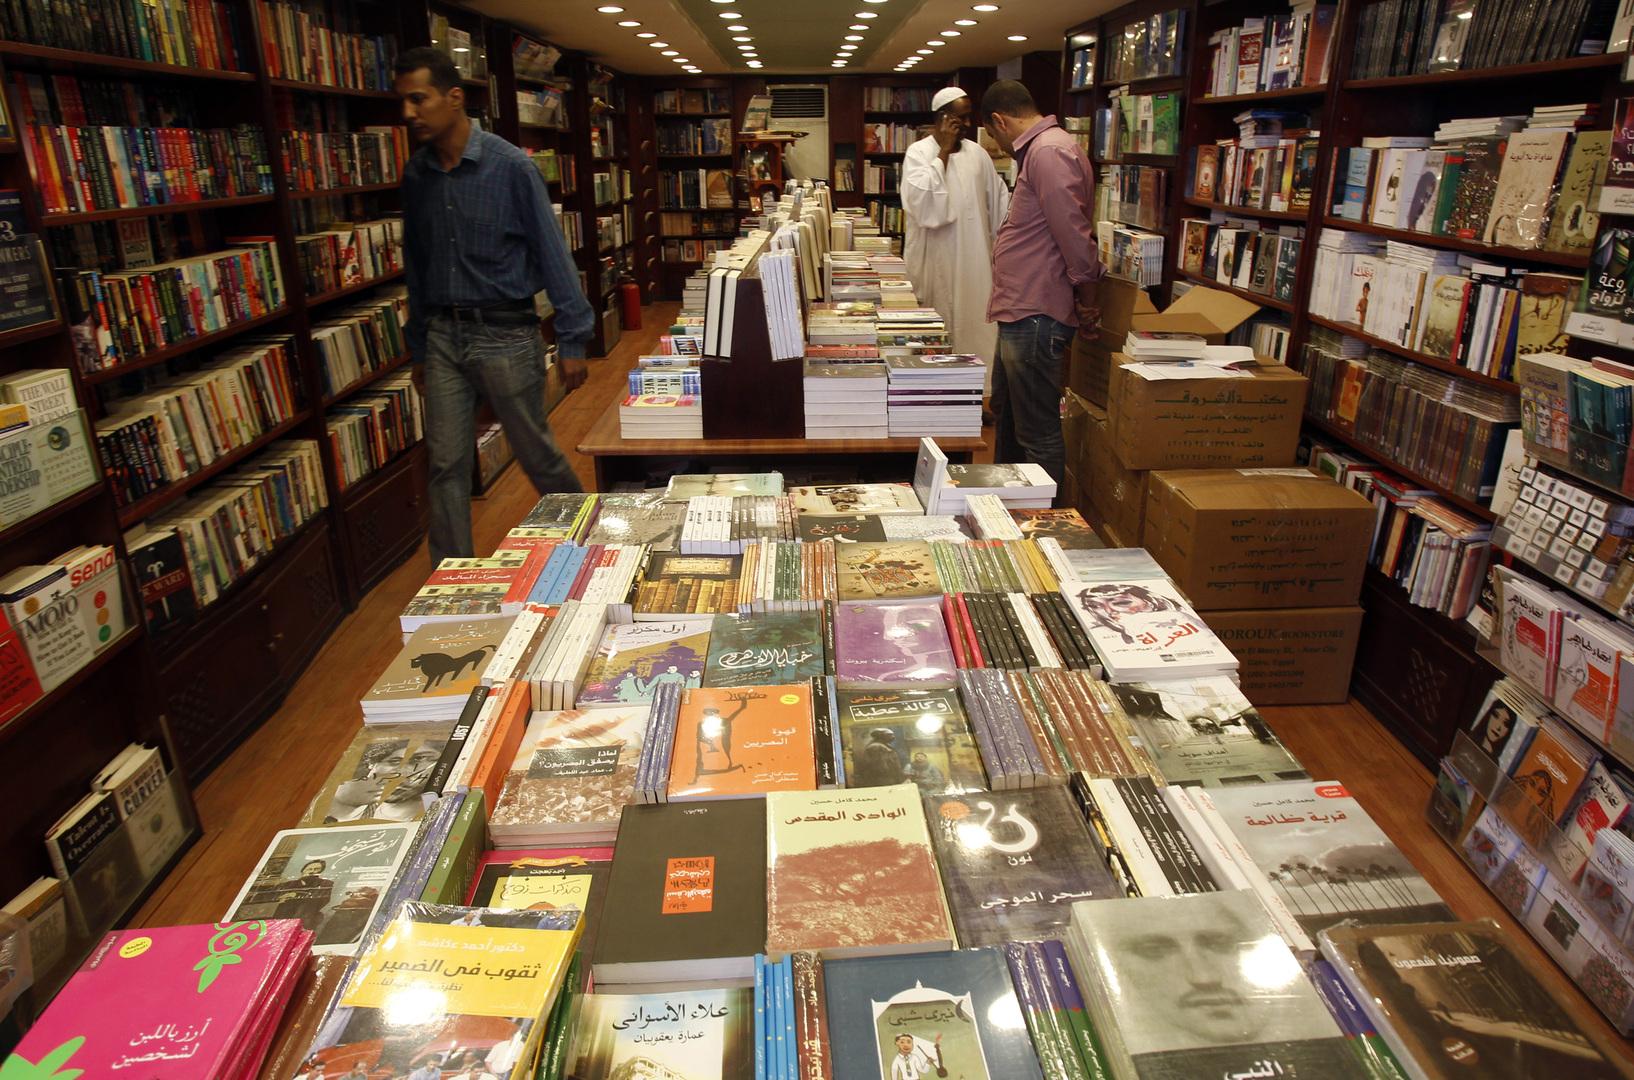 مكتبة في مصر